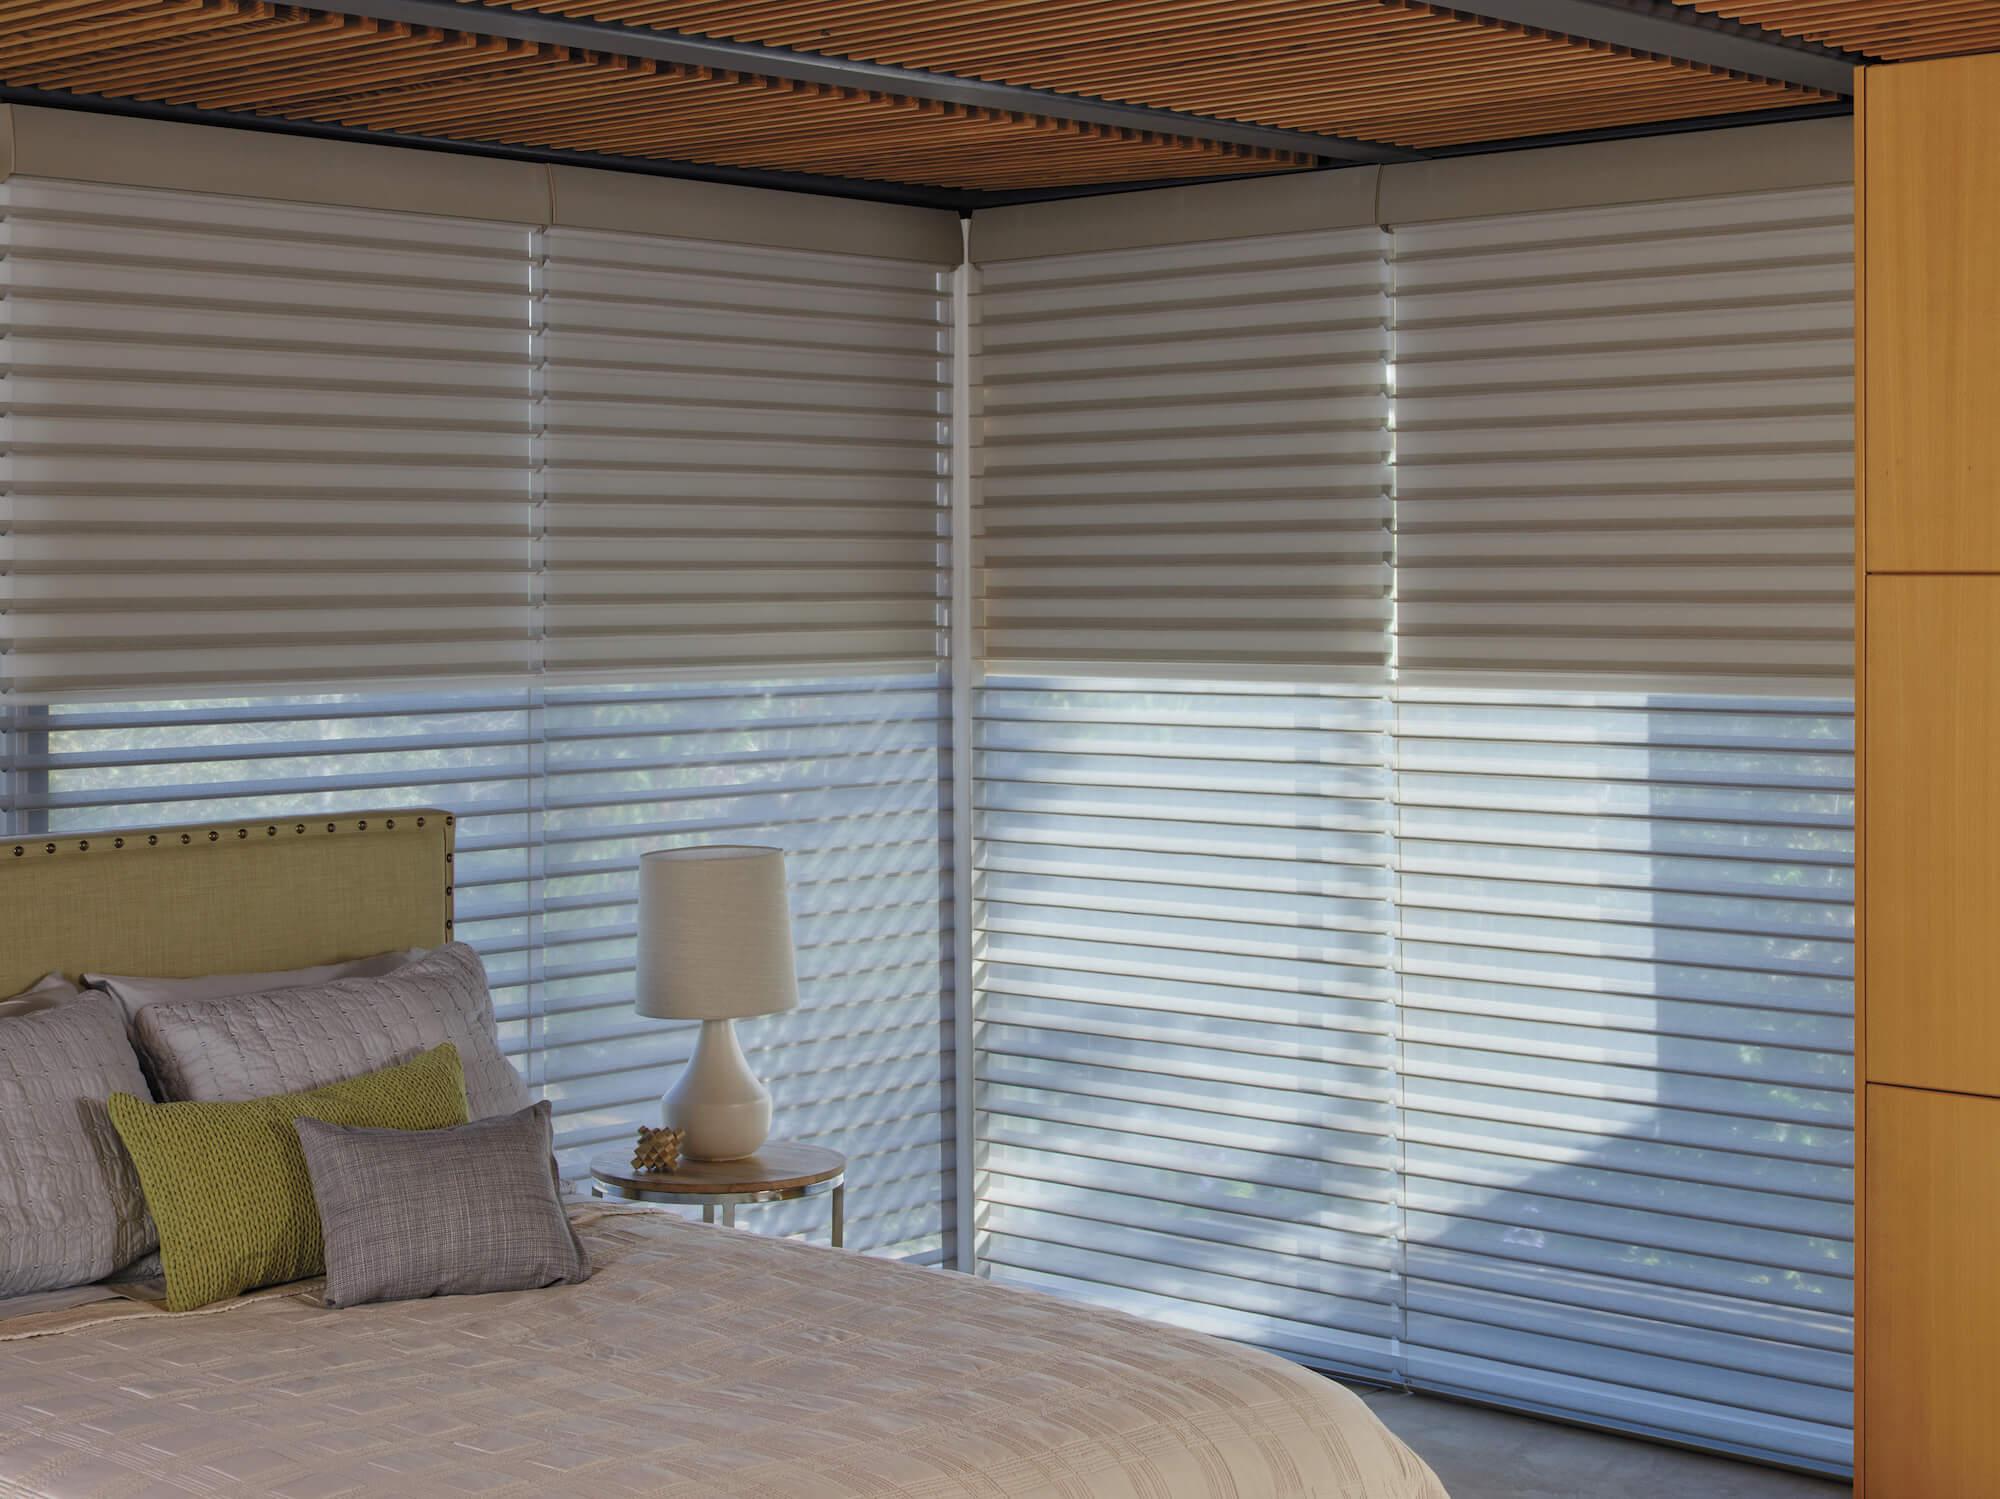 Hunter Douglas window sheers with duolite fabric in bedroom